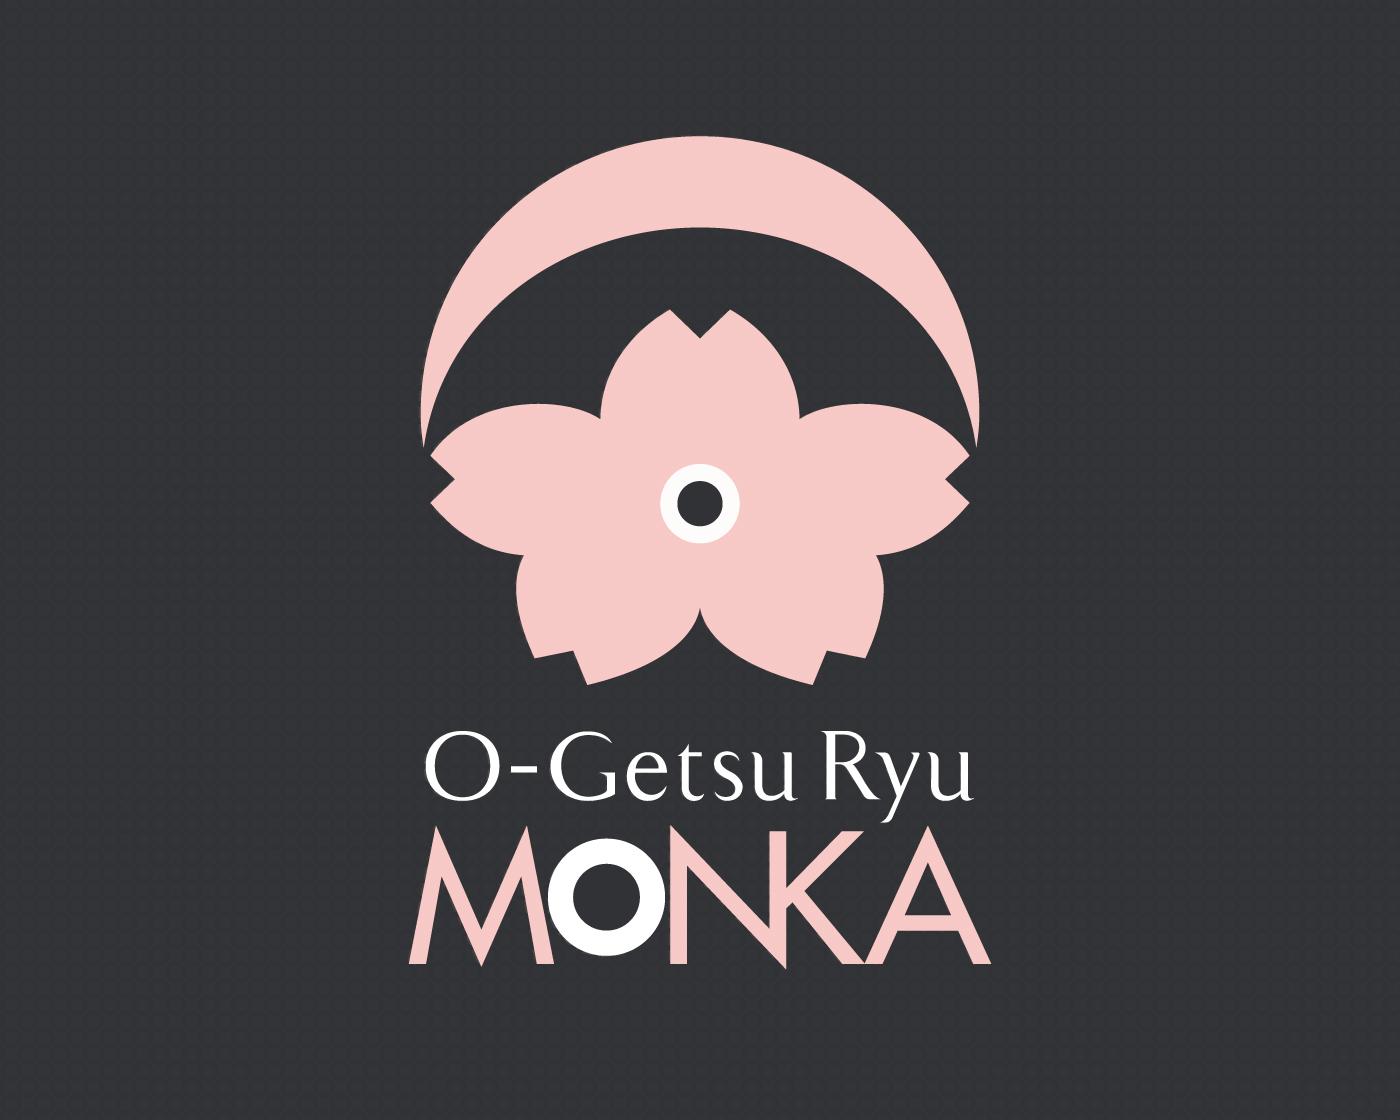 O-Getsu Ryu MONKA<br>〜桜月流一門〜 - O-Getsu Ryu | 桜月流美劔道